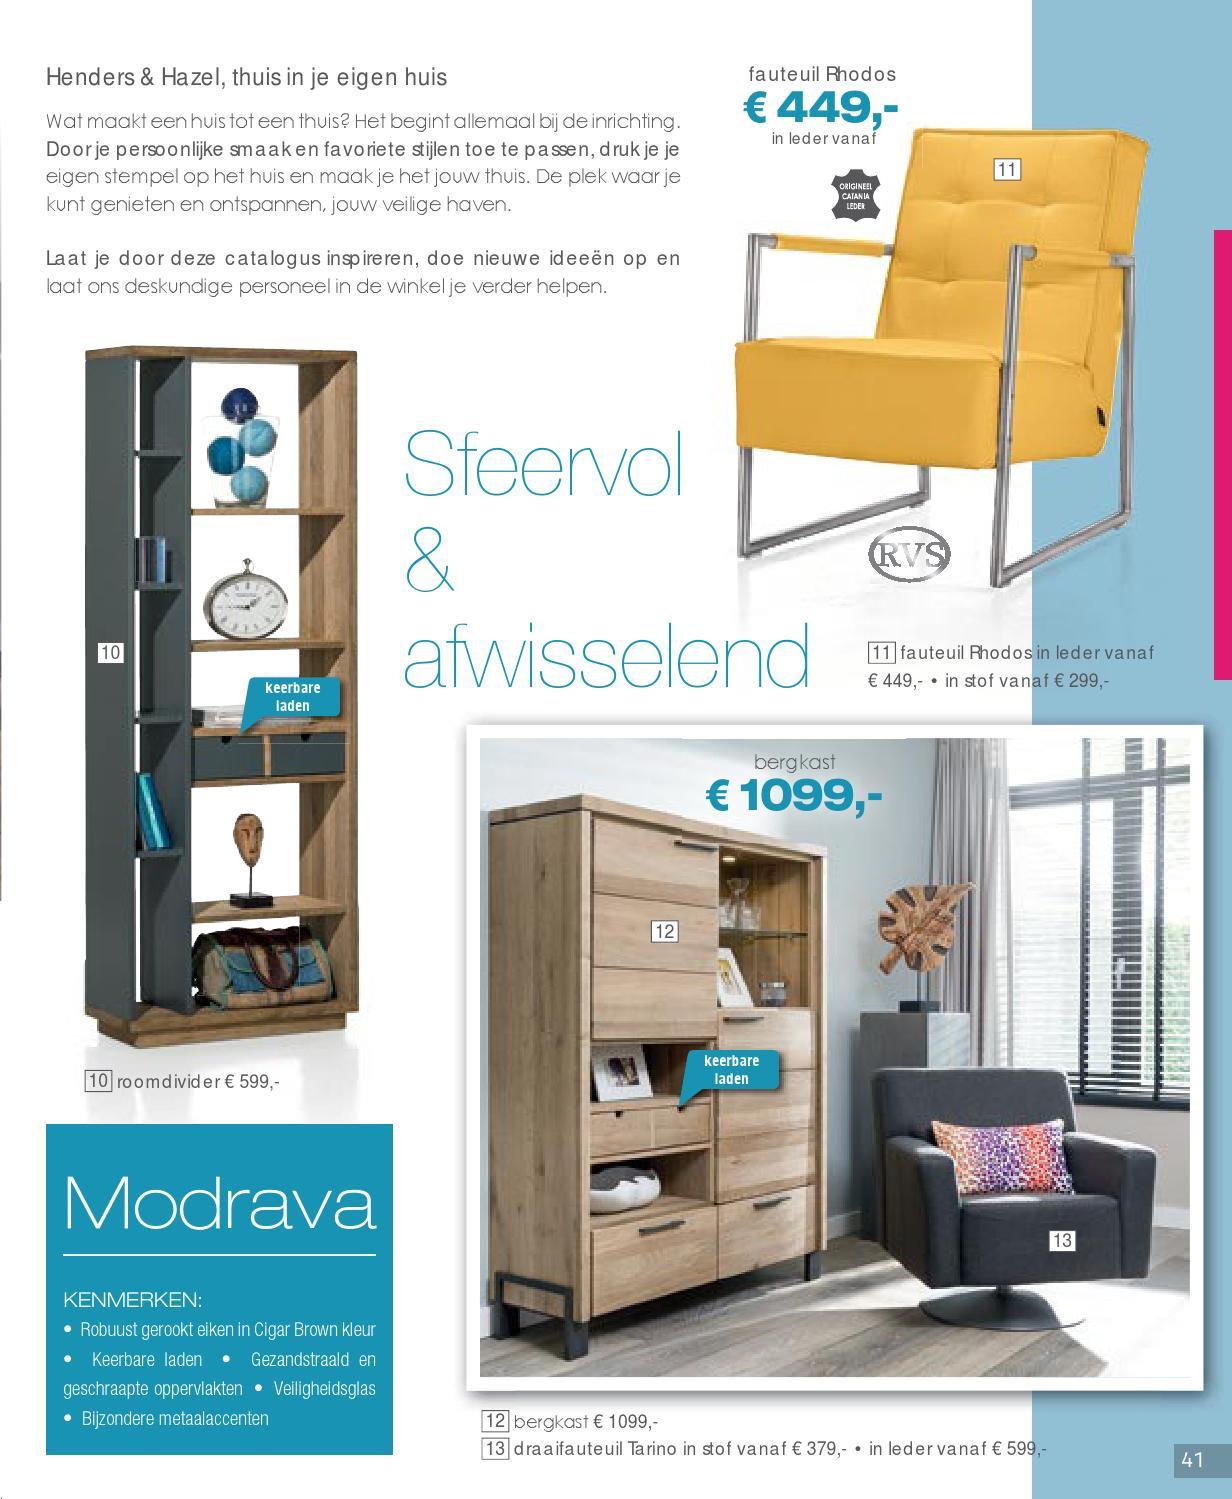 Fauteuil Design Huis En Inrichting.Gero Wonen Catalogus Najaar 2014 By Gero Wonen Issuu